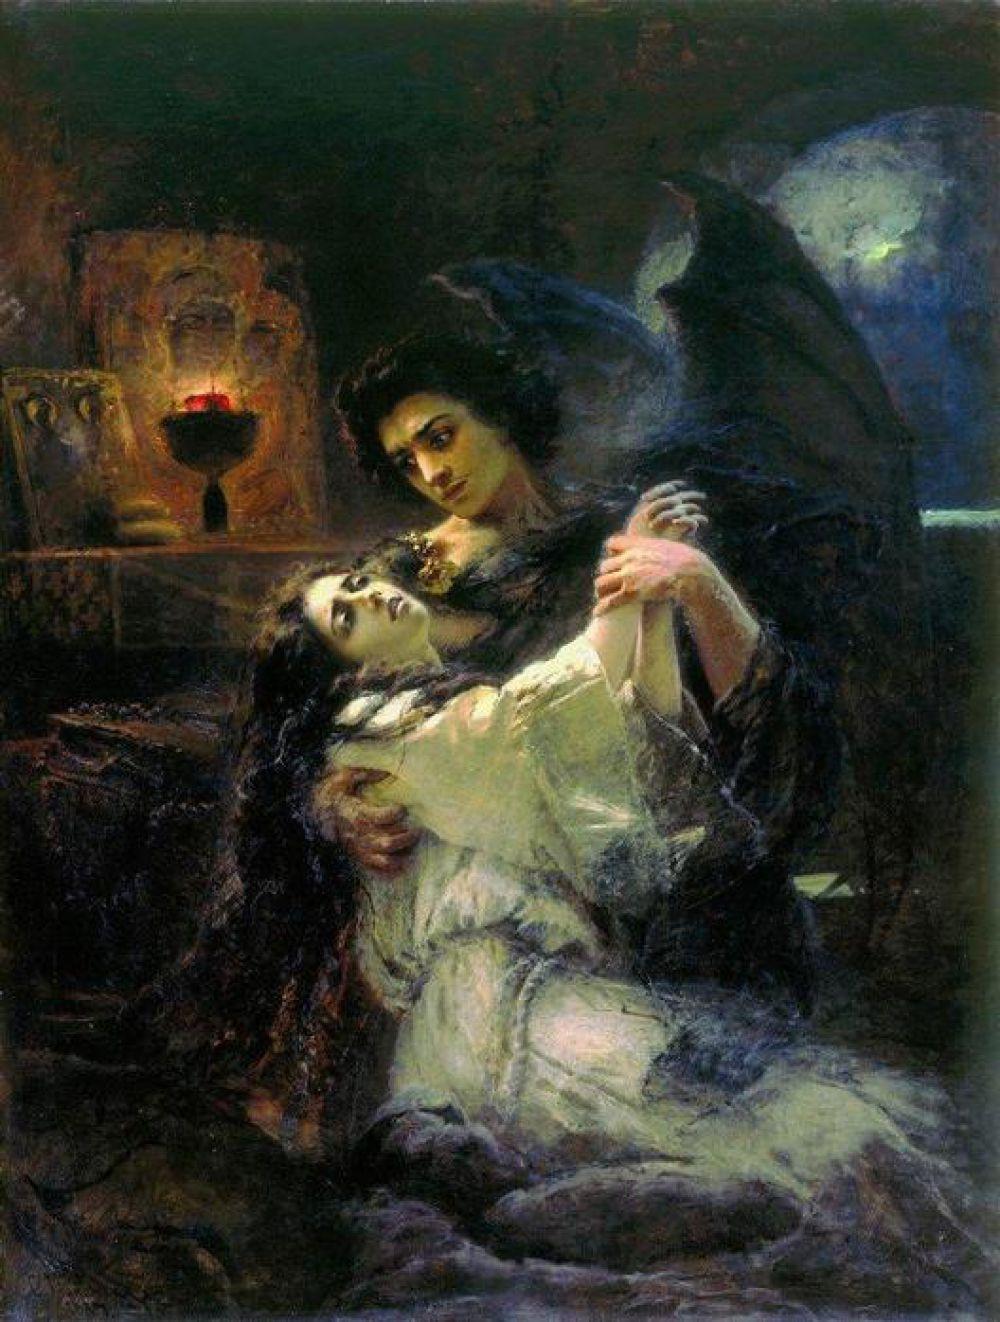 1880-ые раскрыли Маковского как автора портретов и создателя исторических полотен. На парижской Всемирной выставке 1889 года художник получил Большую золотую медаль за картины «Смерть Ивана Грозного» (1888), «Суд Париса» и «Демон и Тамара» (1889).